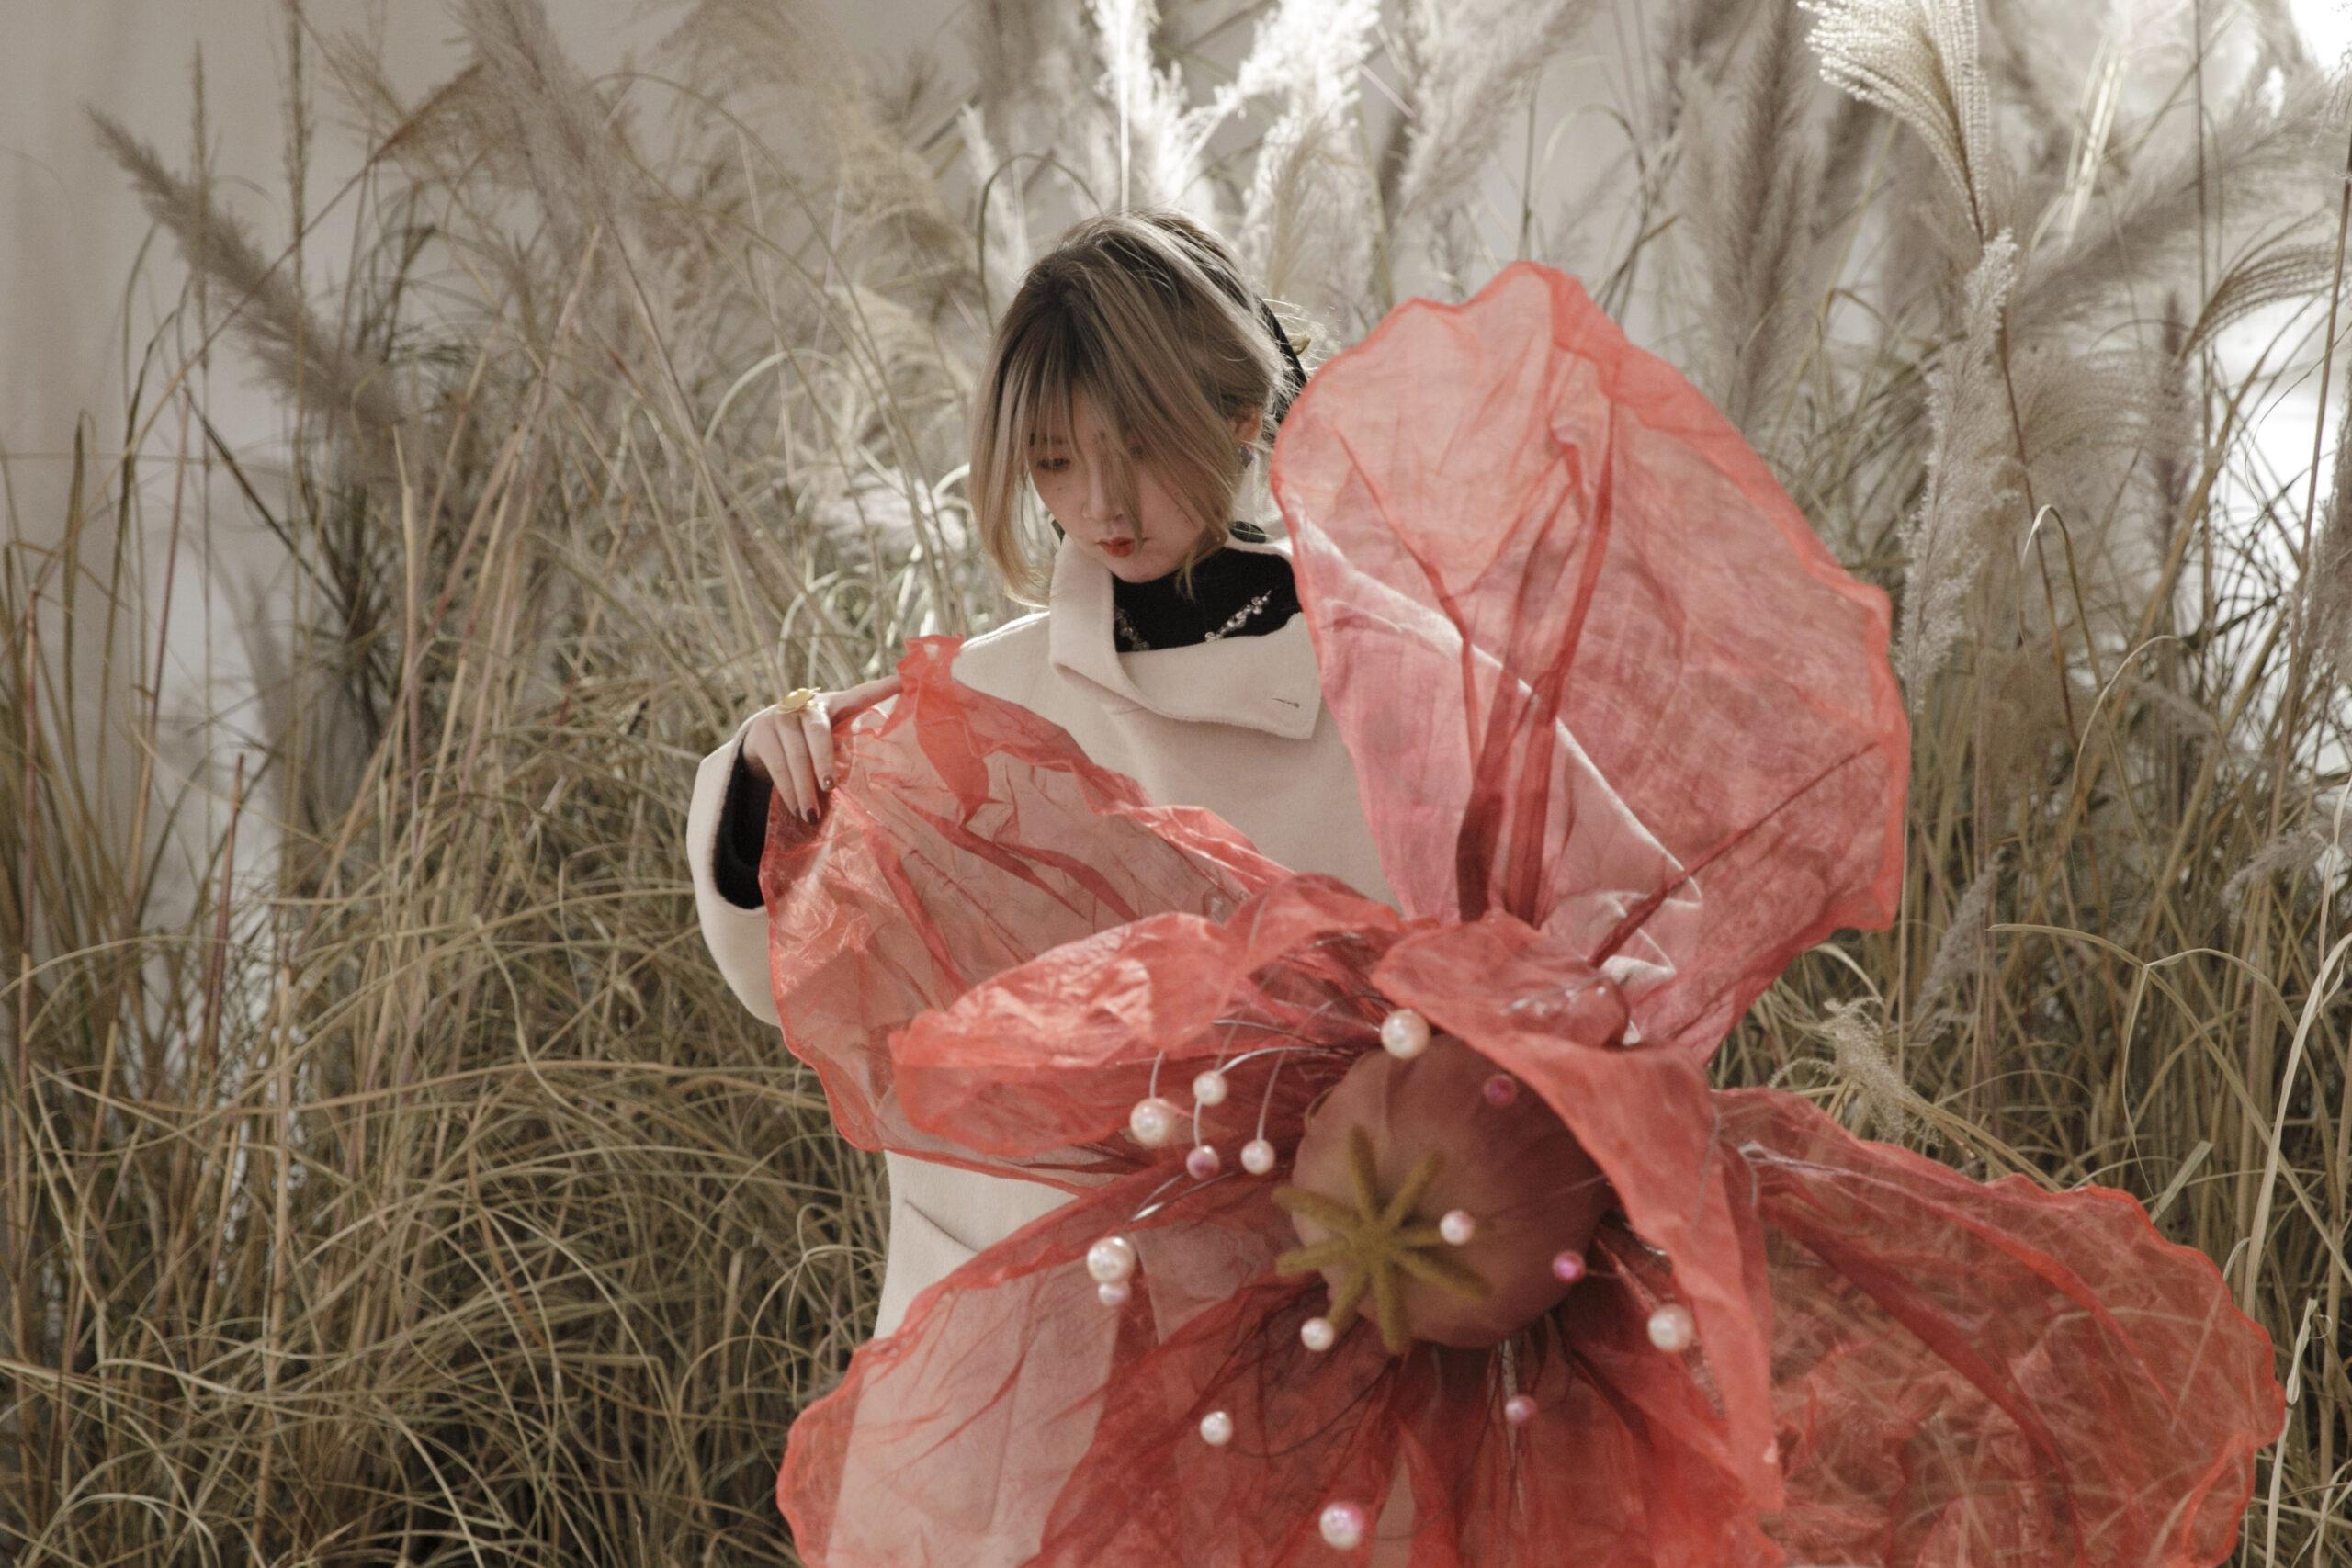 หญิงสาวผู้ได้แรงบันดาลใจจาก 'ศิลปะการจัดดอกไม้' มานำทางชีวิต